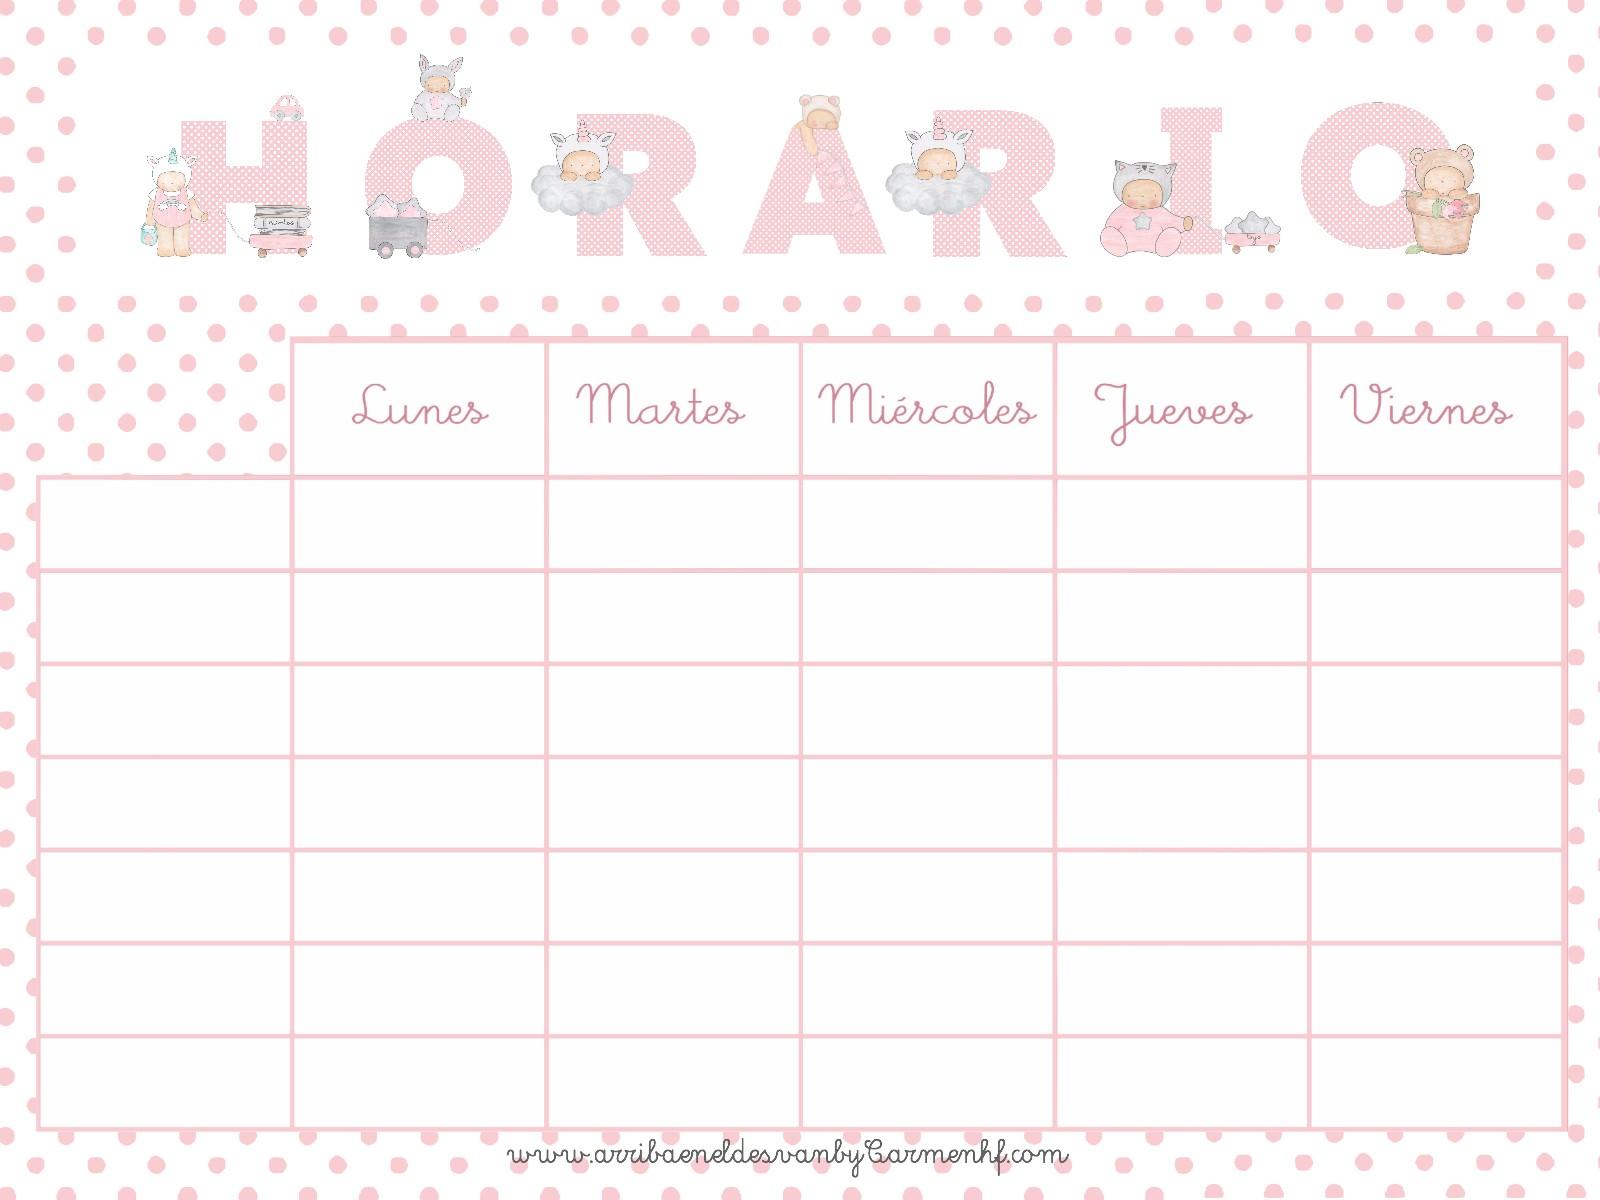 Calendario Mensual Para Imprimir 2017 Gratis Más Caliente Resultado De Imagen Para Imprimible Hojas De Agenda Of Calendario Mensual Para Imprimir 2017 Gratis Actual Planner Para Blogueras Y Emprendedoras Creativas